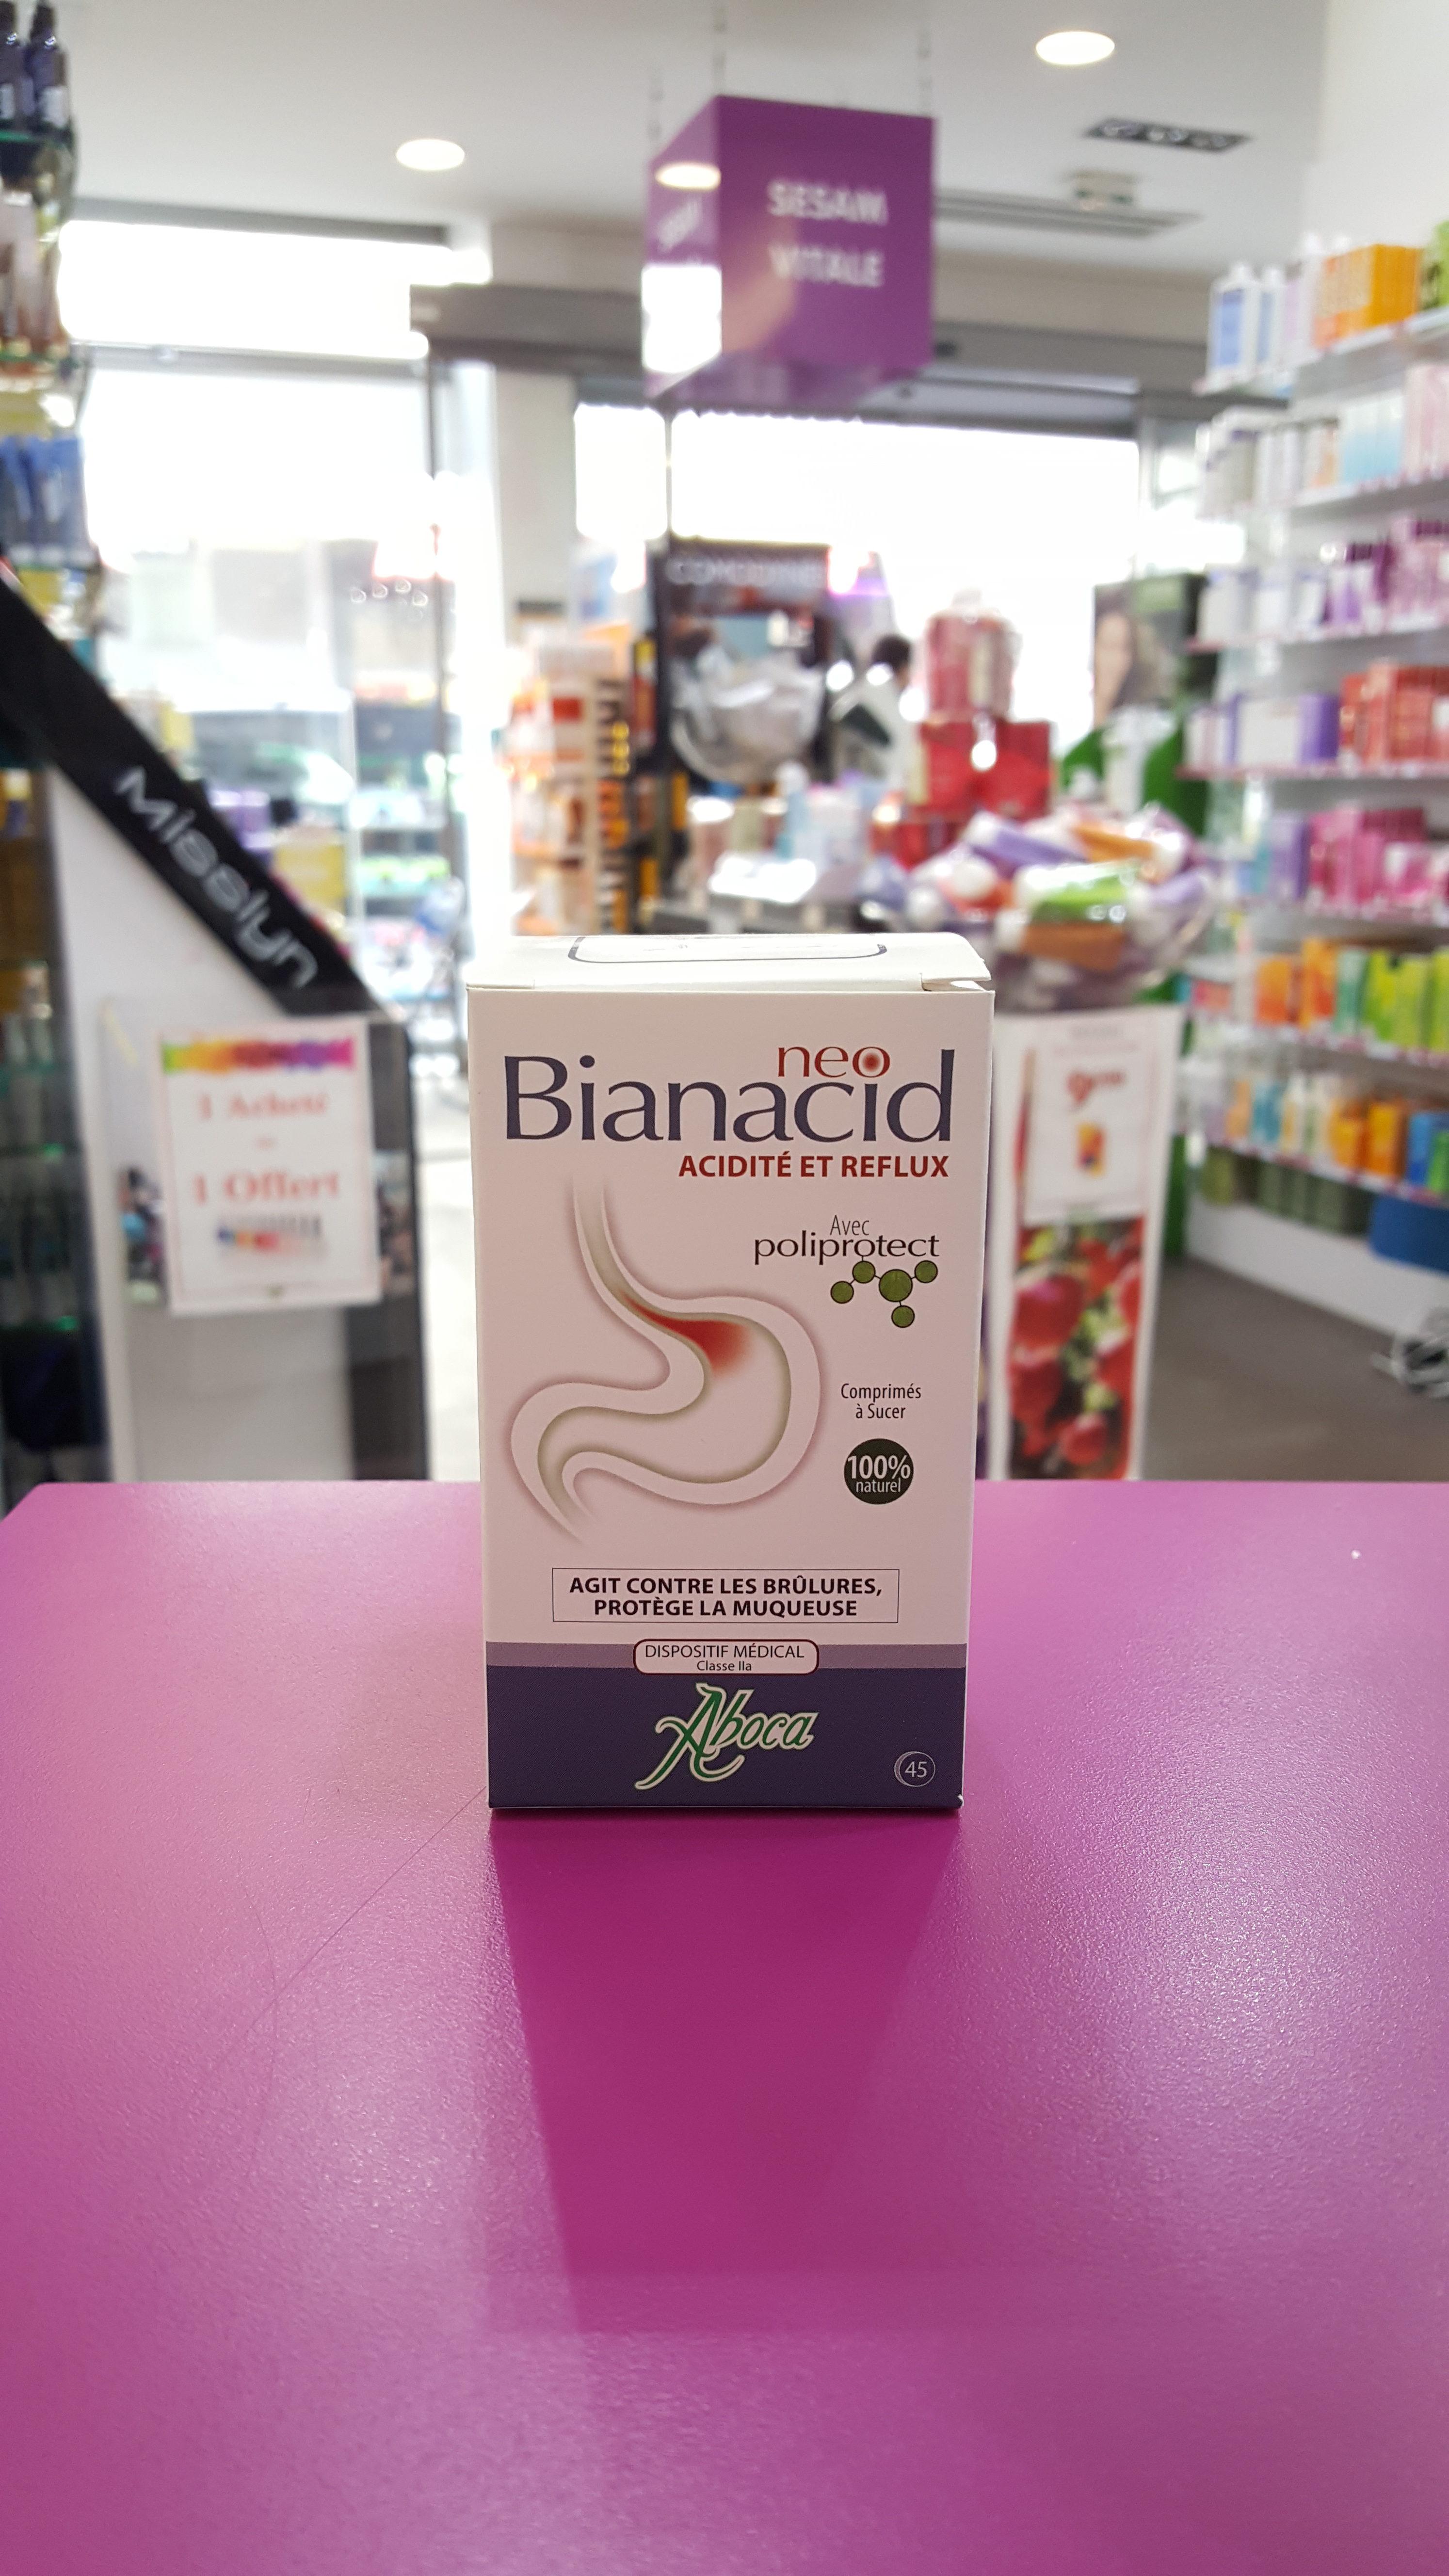 Neo Bionacid acidité et reflux